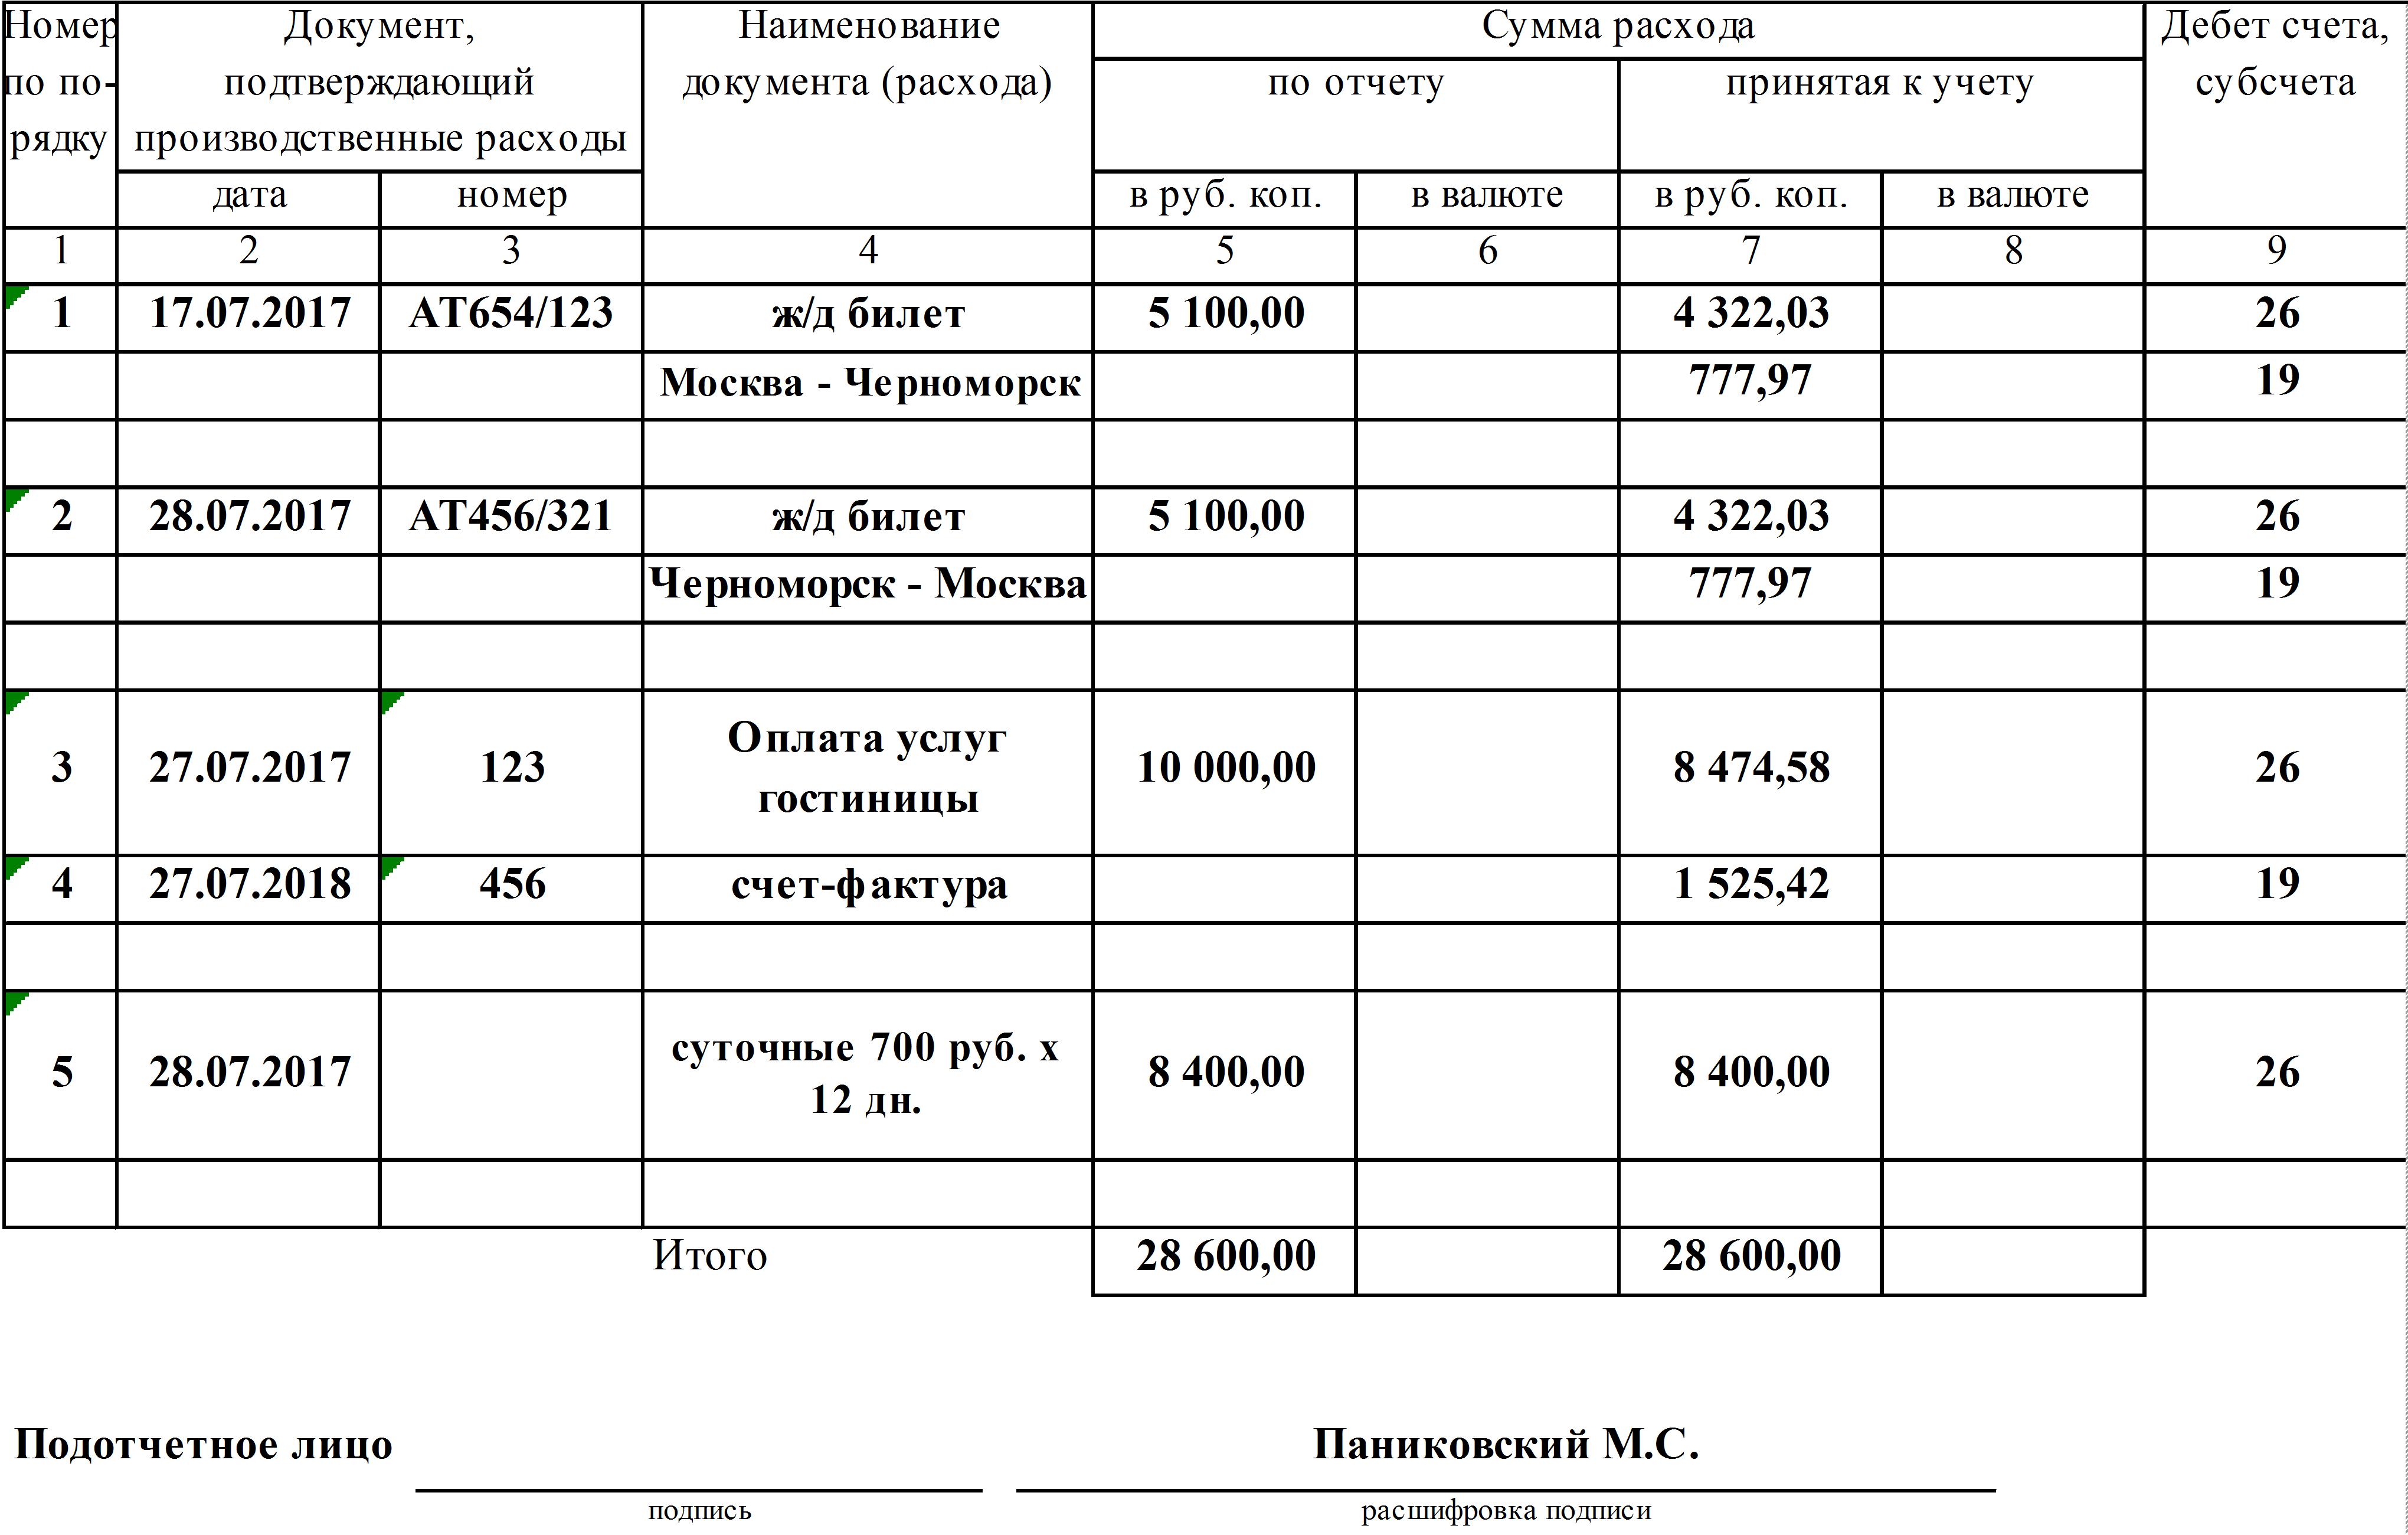 Авансовый отчет бланк скачать рб 2018